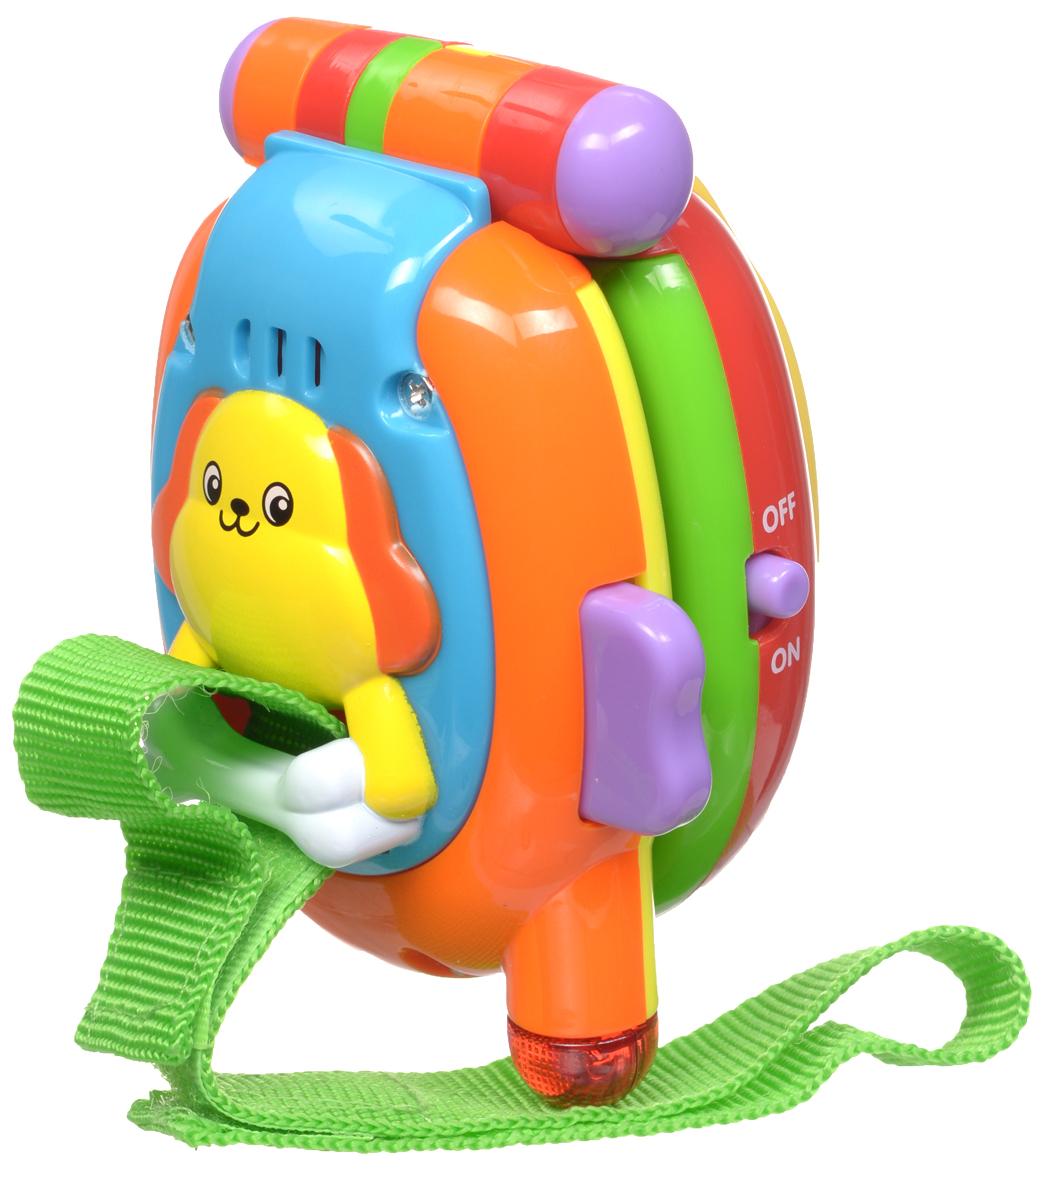 Малышарики Музыкальная игрушка Телефон цвет желтый зеленыйMSH0303-005_желтый, зеленыйМузыкальная игрушка Телефон со световыми и звуковыми эффектами обязательно порадует малыша. На поверхности телефона малыш обнаружит множество функциональных кнопочек и подвижную картинку, на которой изображены популярные мультгерои Малышарики. Выполненная в приятной цветовой гамме, игрушка имеет разнообразные интерактивные элементы, которые стимулируют развитие зрительного, слухового и тактильного восприятия ребенка. Необходимо докупить 2 батарейки напряжением 1,5V типа ААА (не входят в комплект).